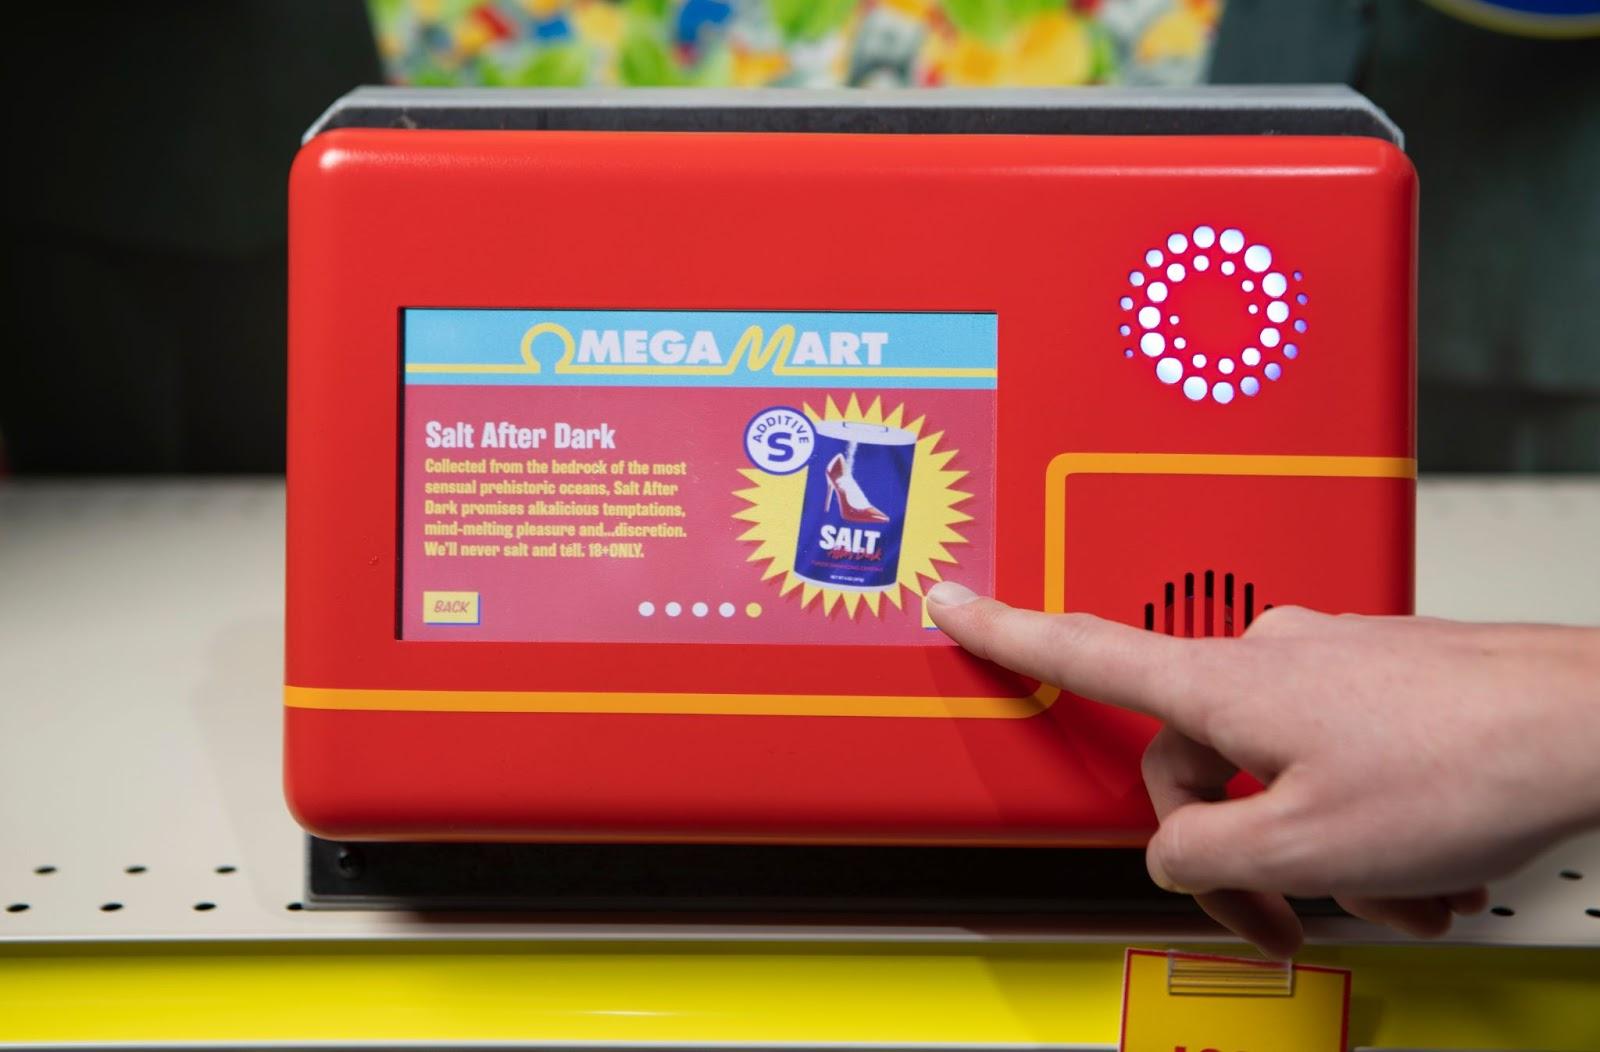 Omega Mart boop station displaying more information about Omega Mart product Salt After Dark